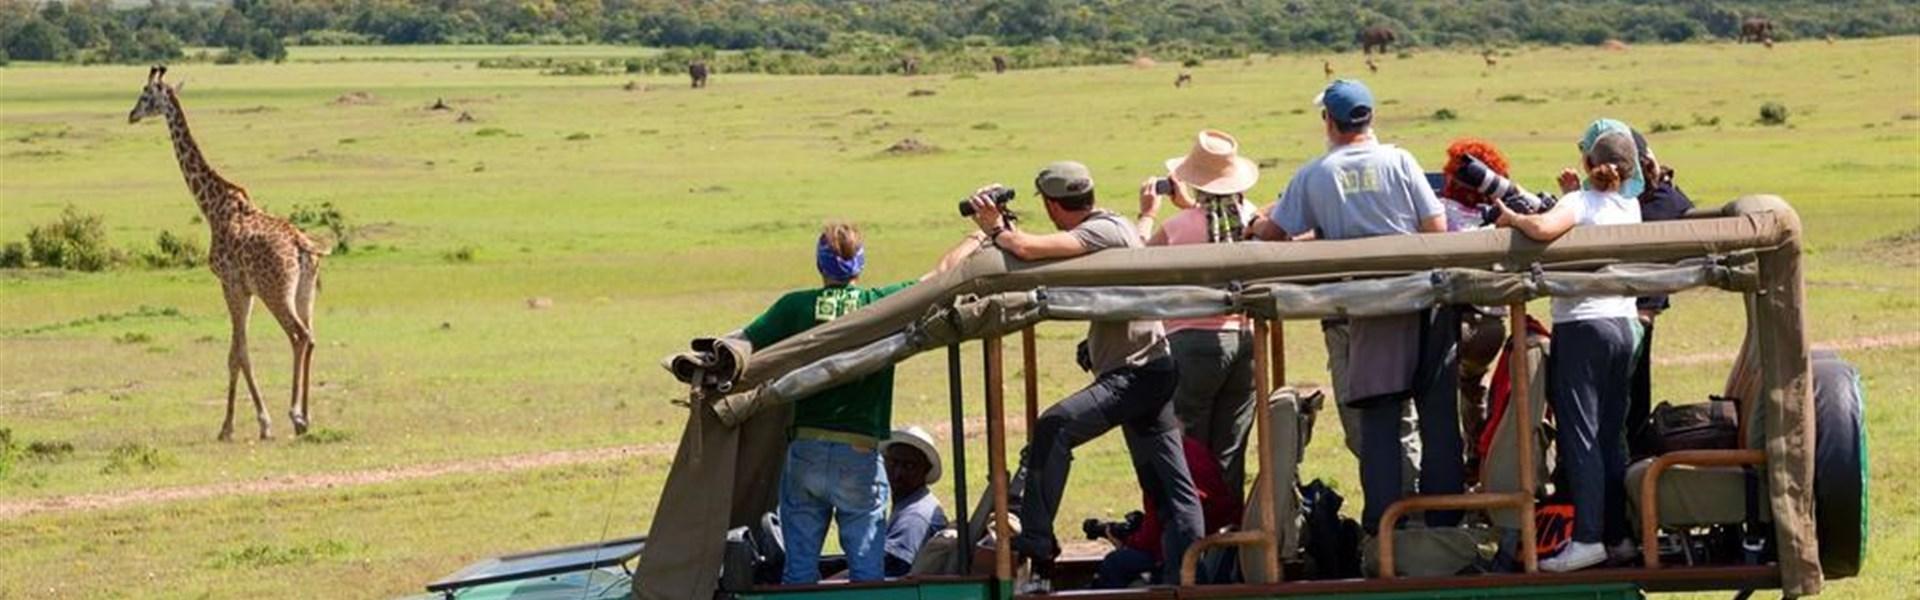 Safari v Keni - Putování za Velkou pětkou - s českým průvodcem - Safari v Masai Mara